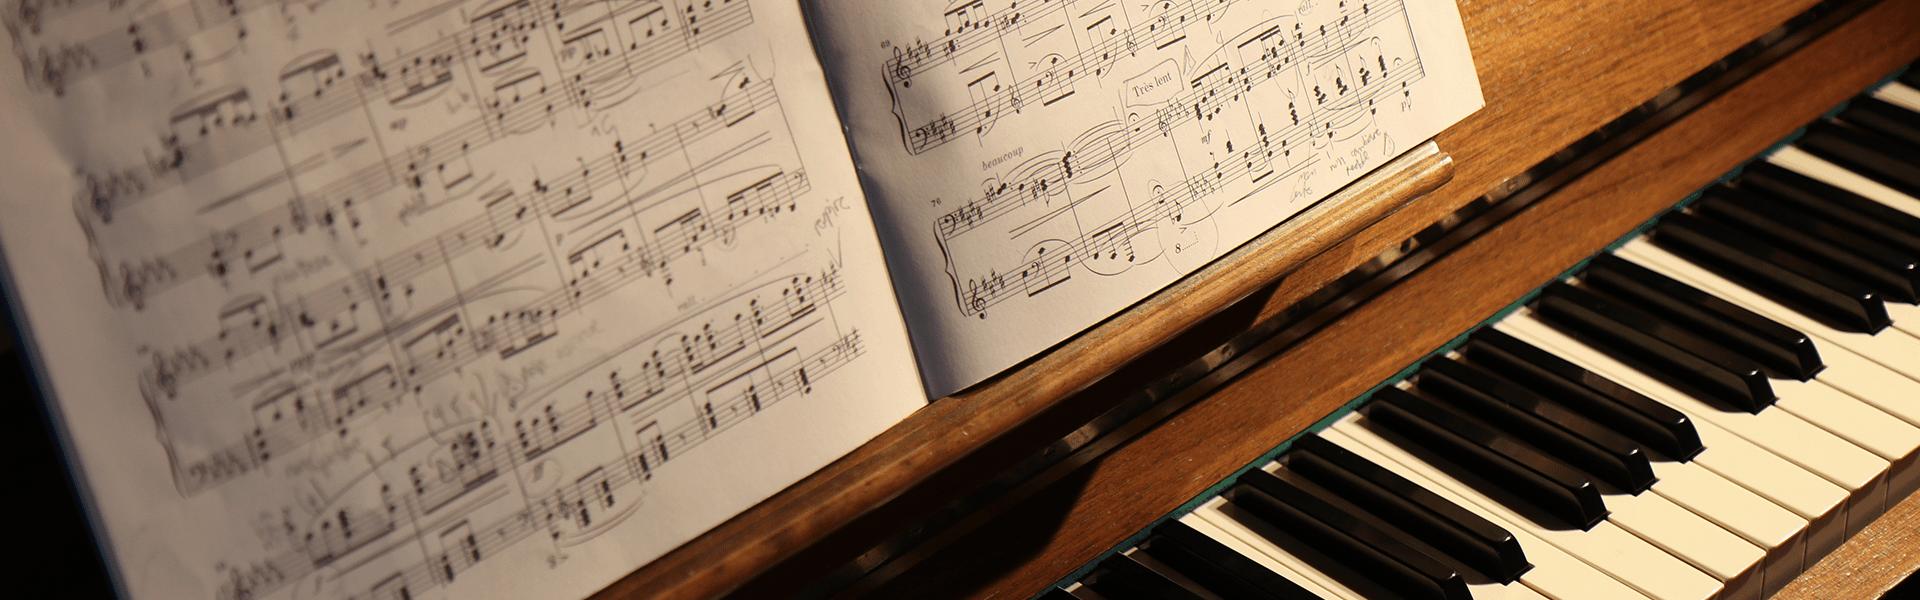 Klaviernoten- und Zubehör